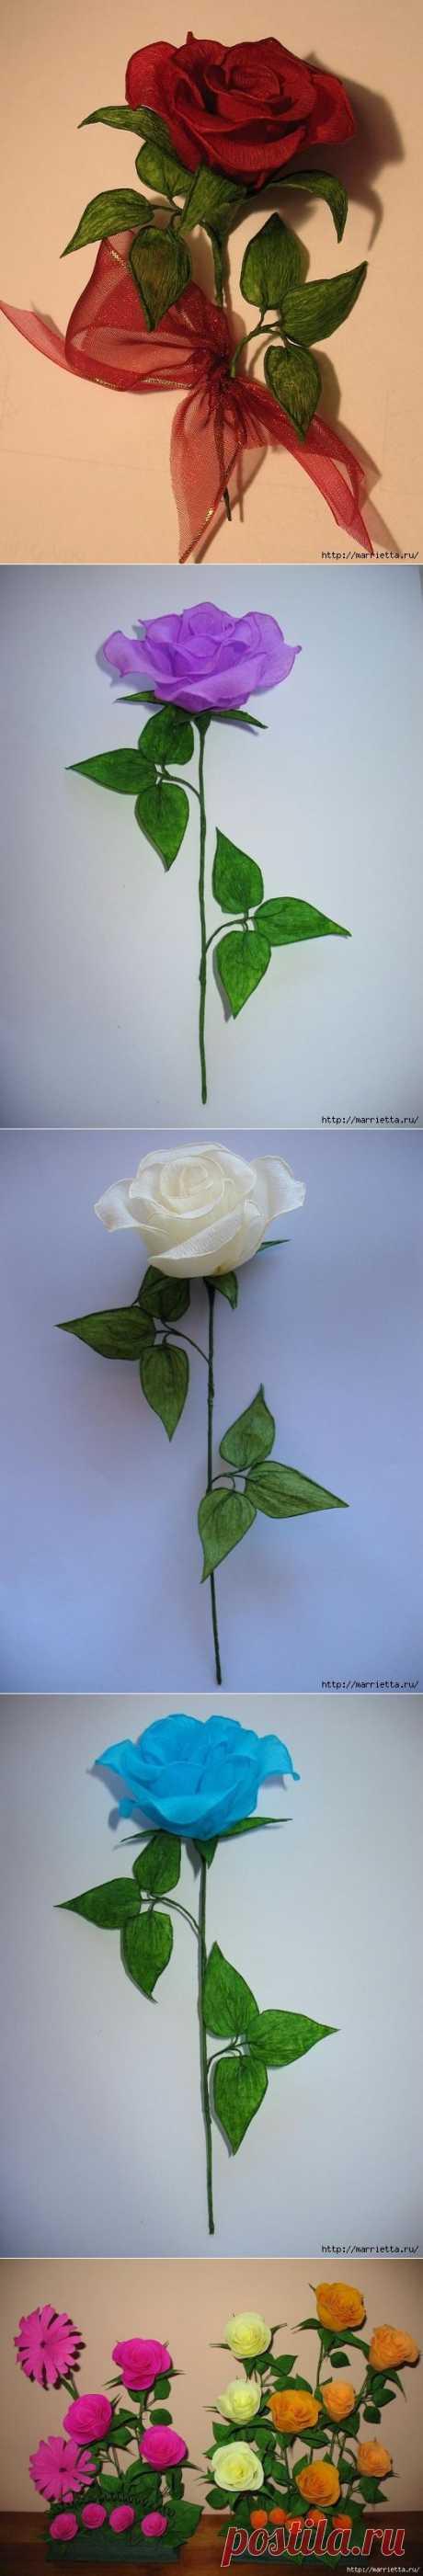 Очень красивые розы из гофрированной бумаги.